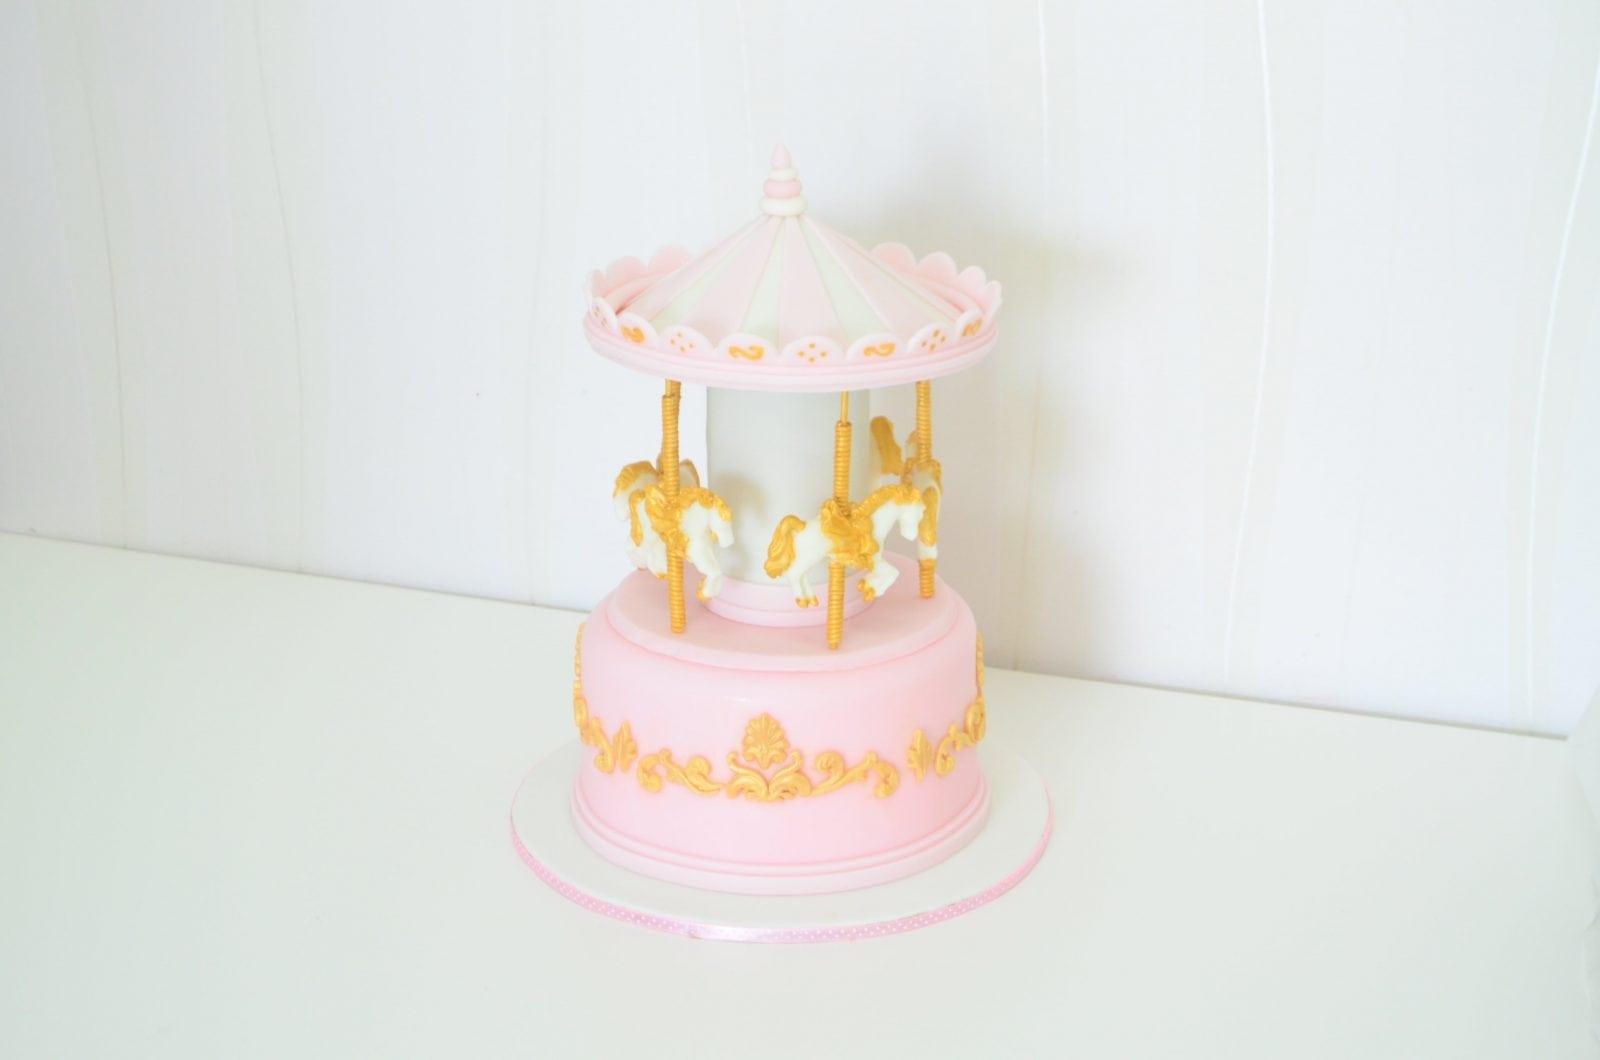 Tort Design – Despre artă, design şi profesionalism în lumea dulciurilor